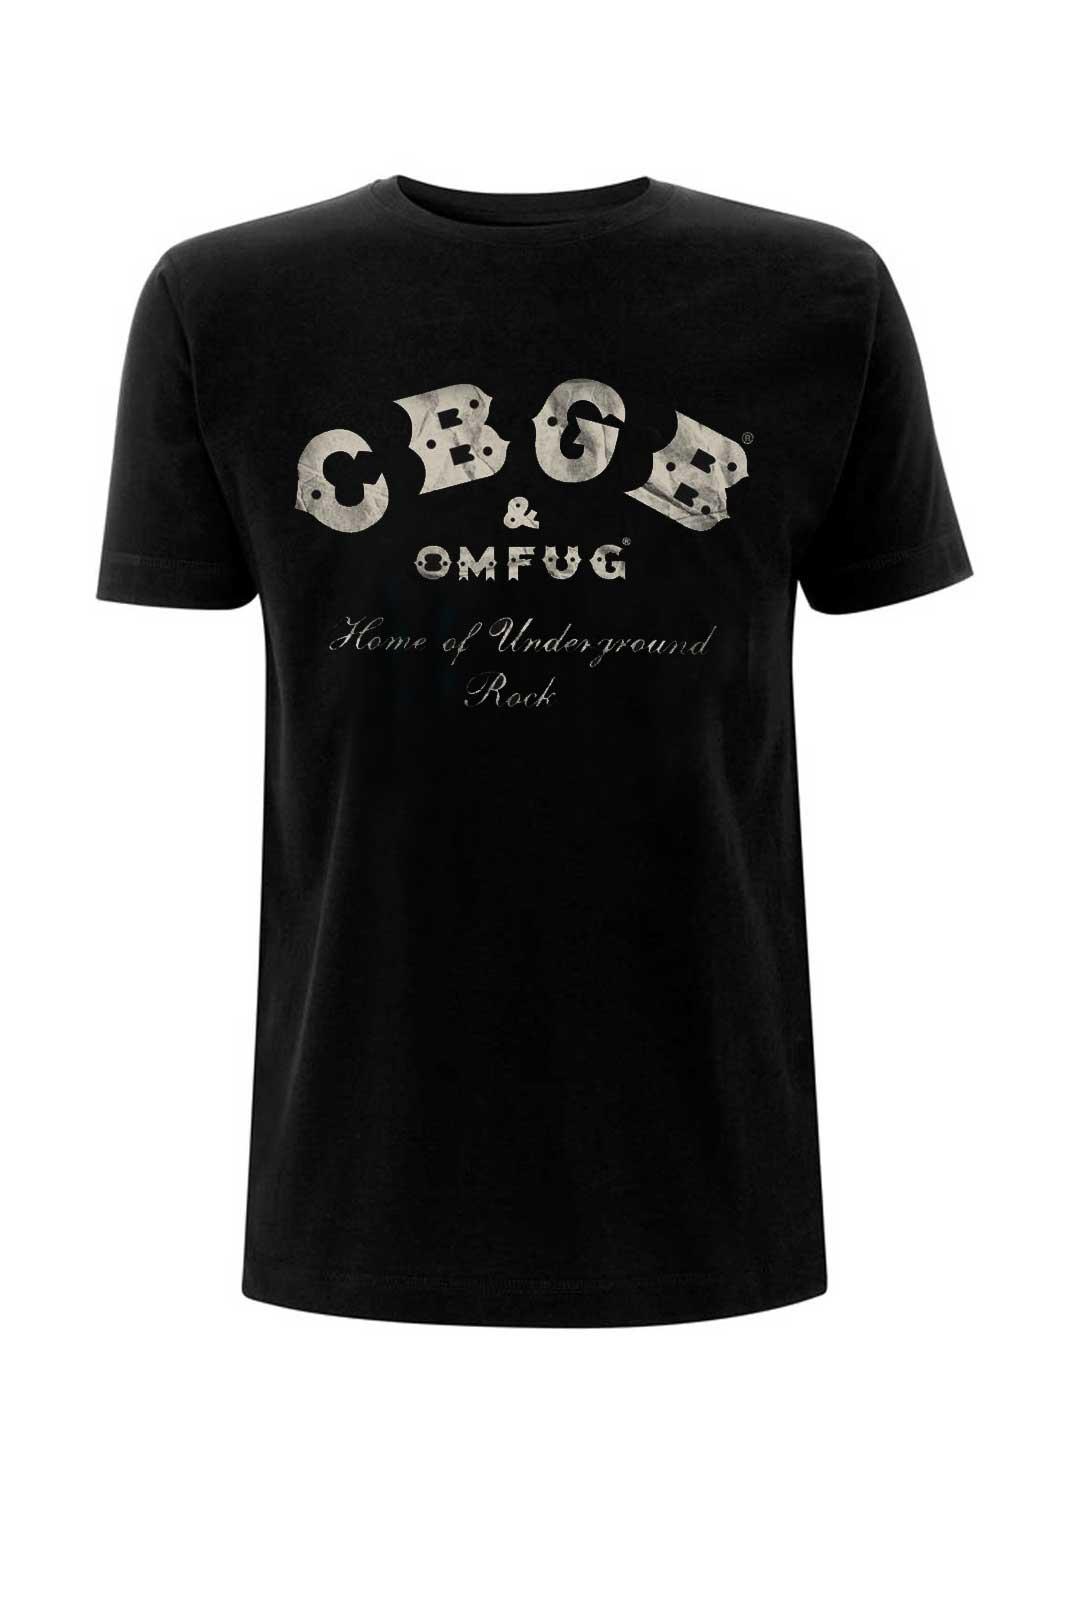 Tee CBGB Underground Rock